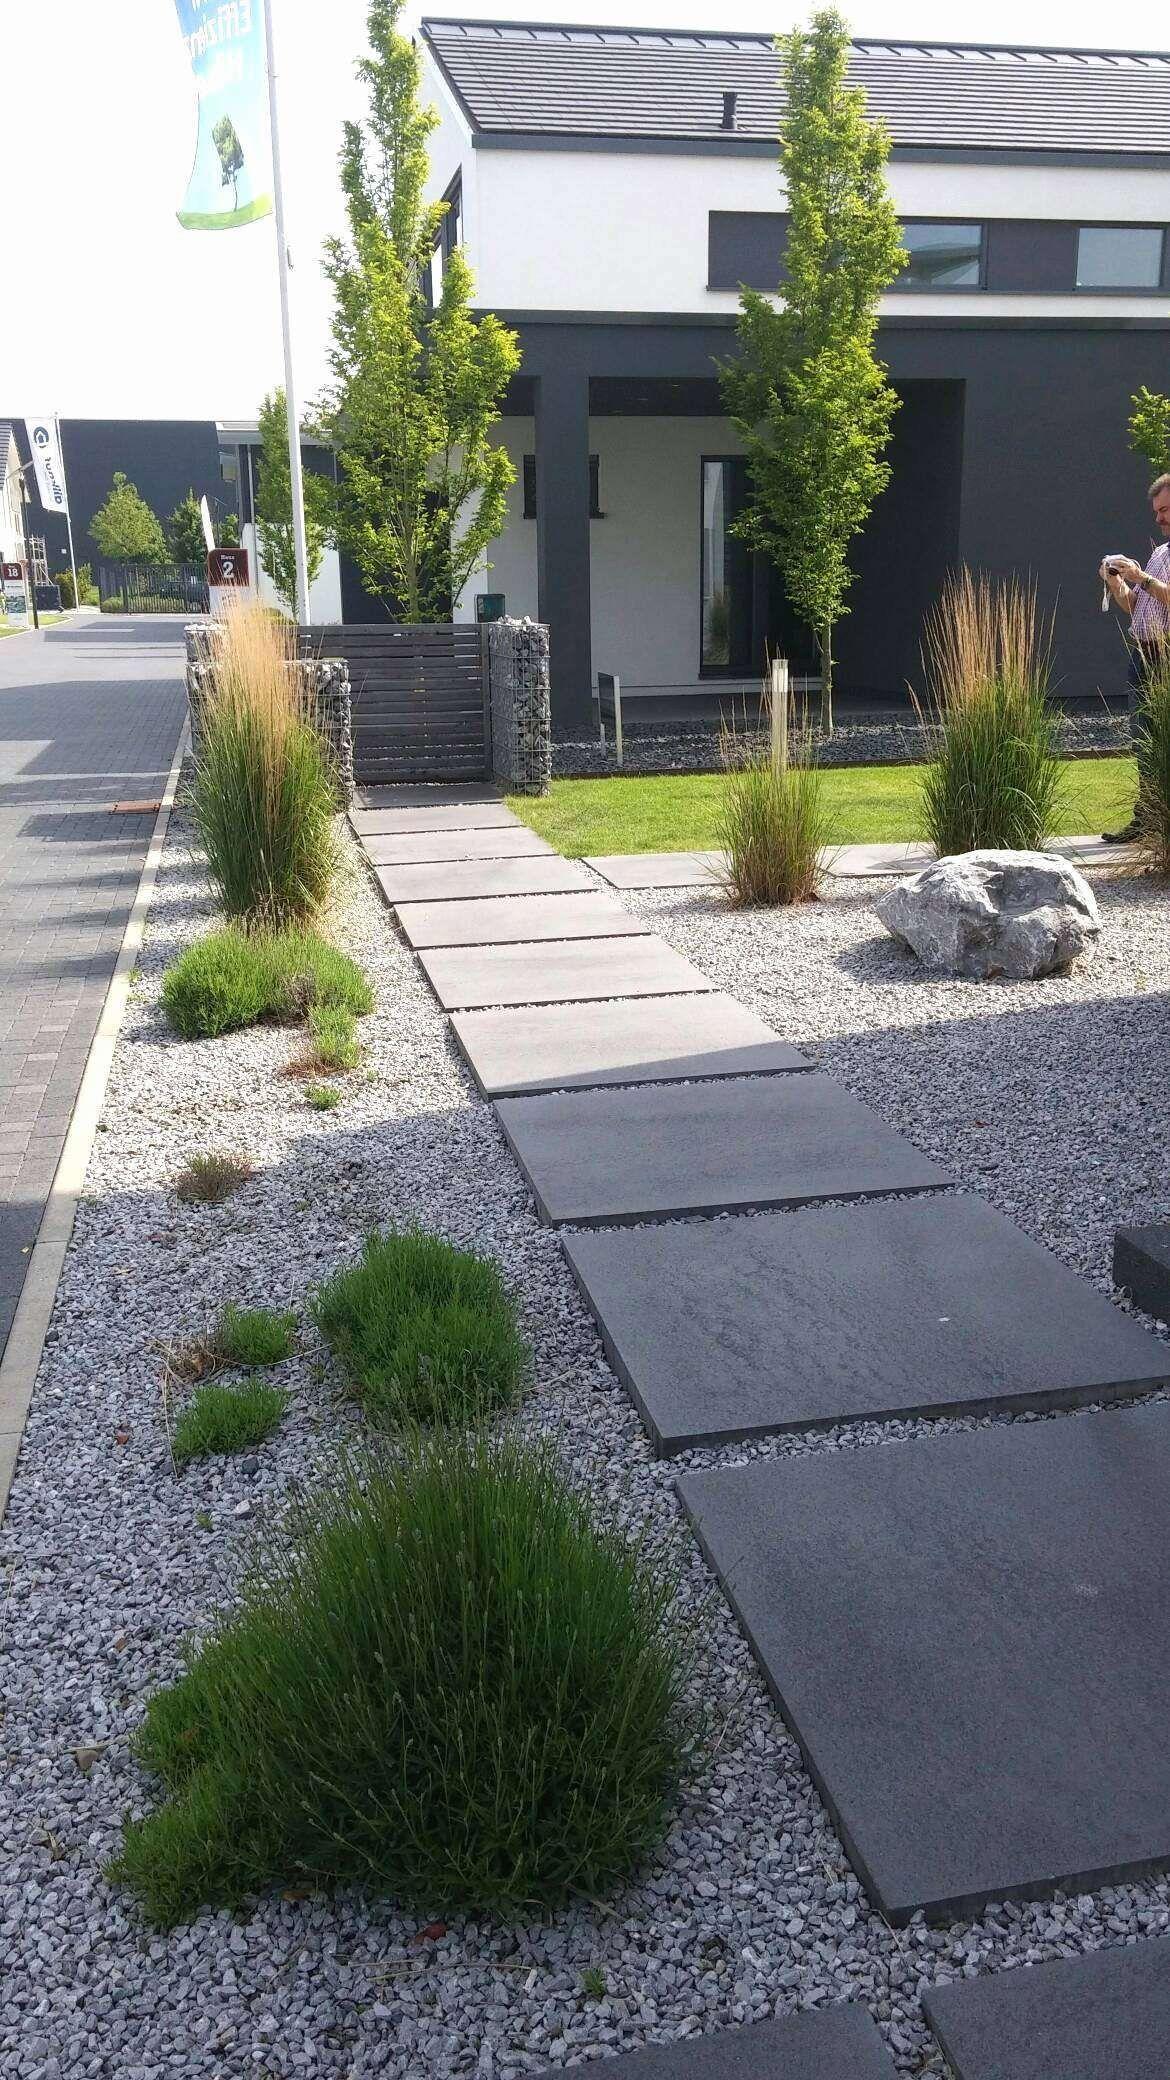 Vorgarten Anlegen Genial Garten Ideas Garten Anlegen Lovely Aussenleuchten Garten 0d